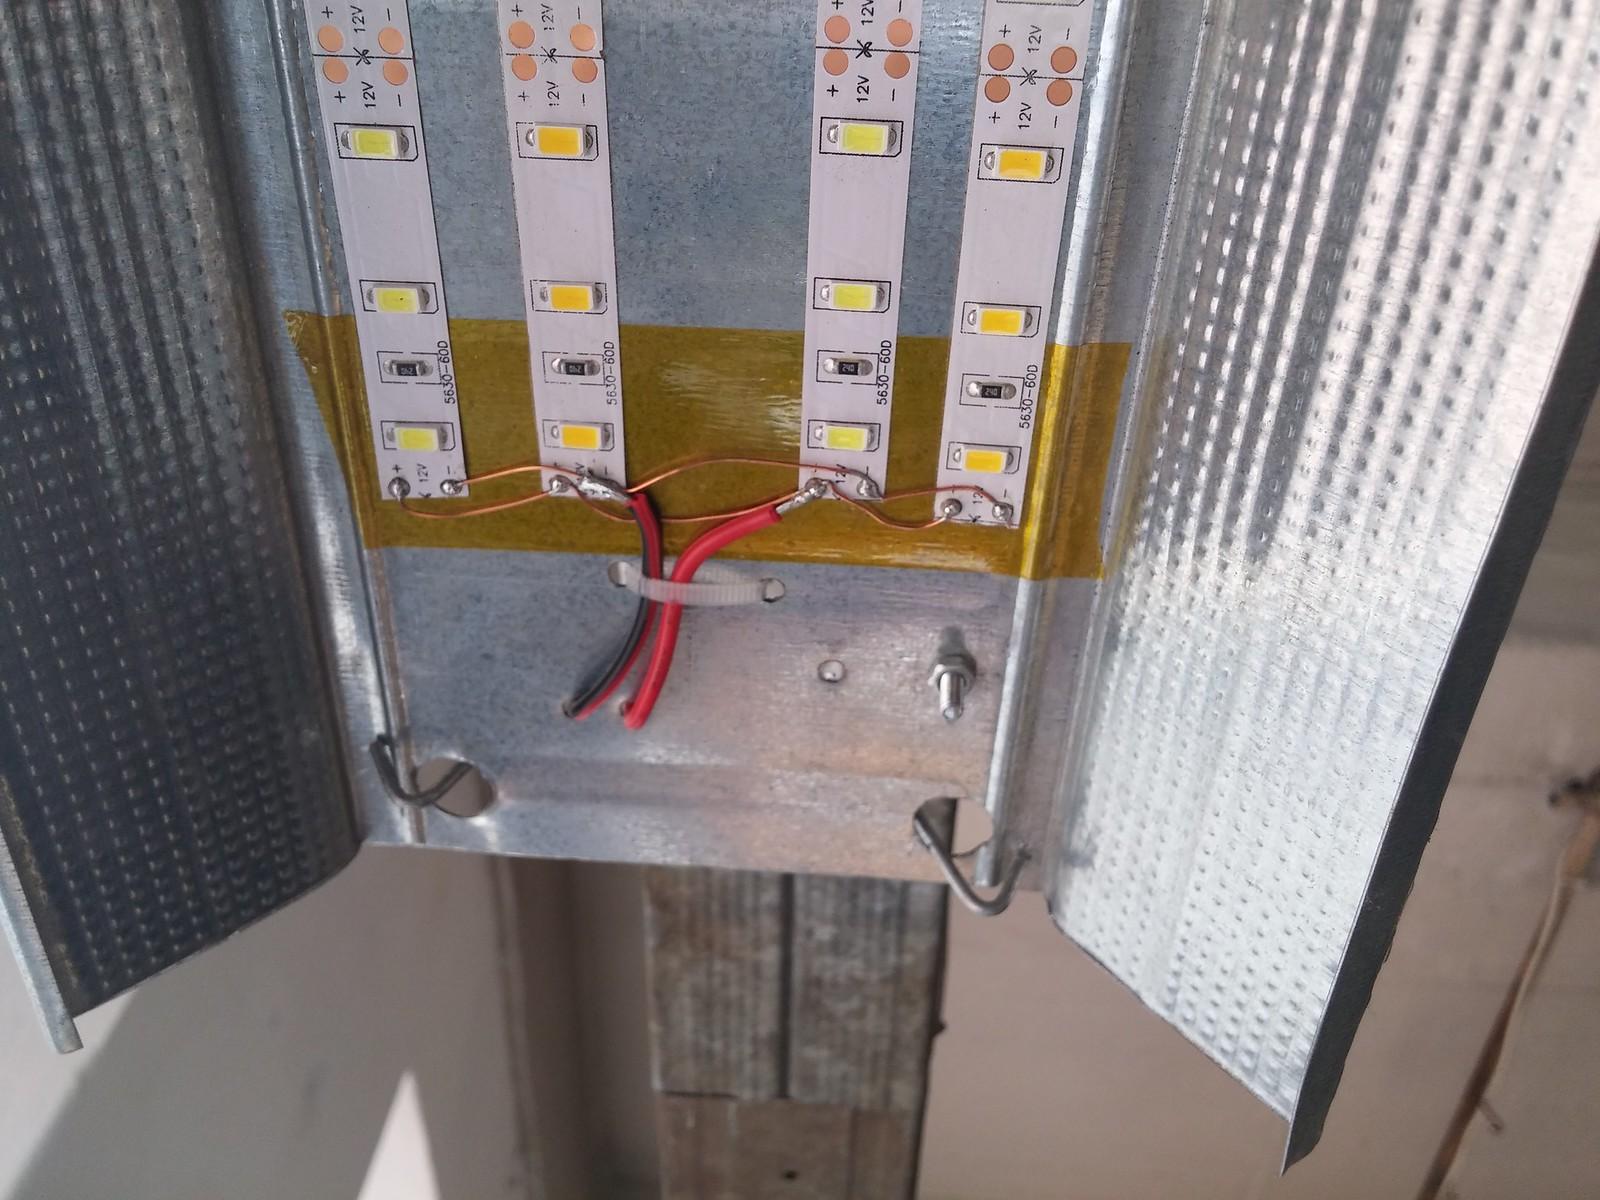 Dirbtuvių darbo vietas apšviečia LED šviestuvai padaryti iš gipskartonio profilių ir kinietiškų LED'ų.